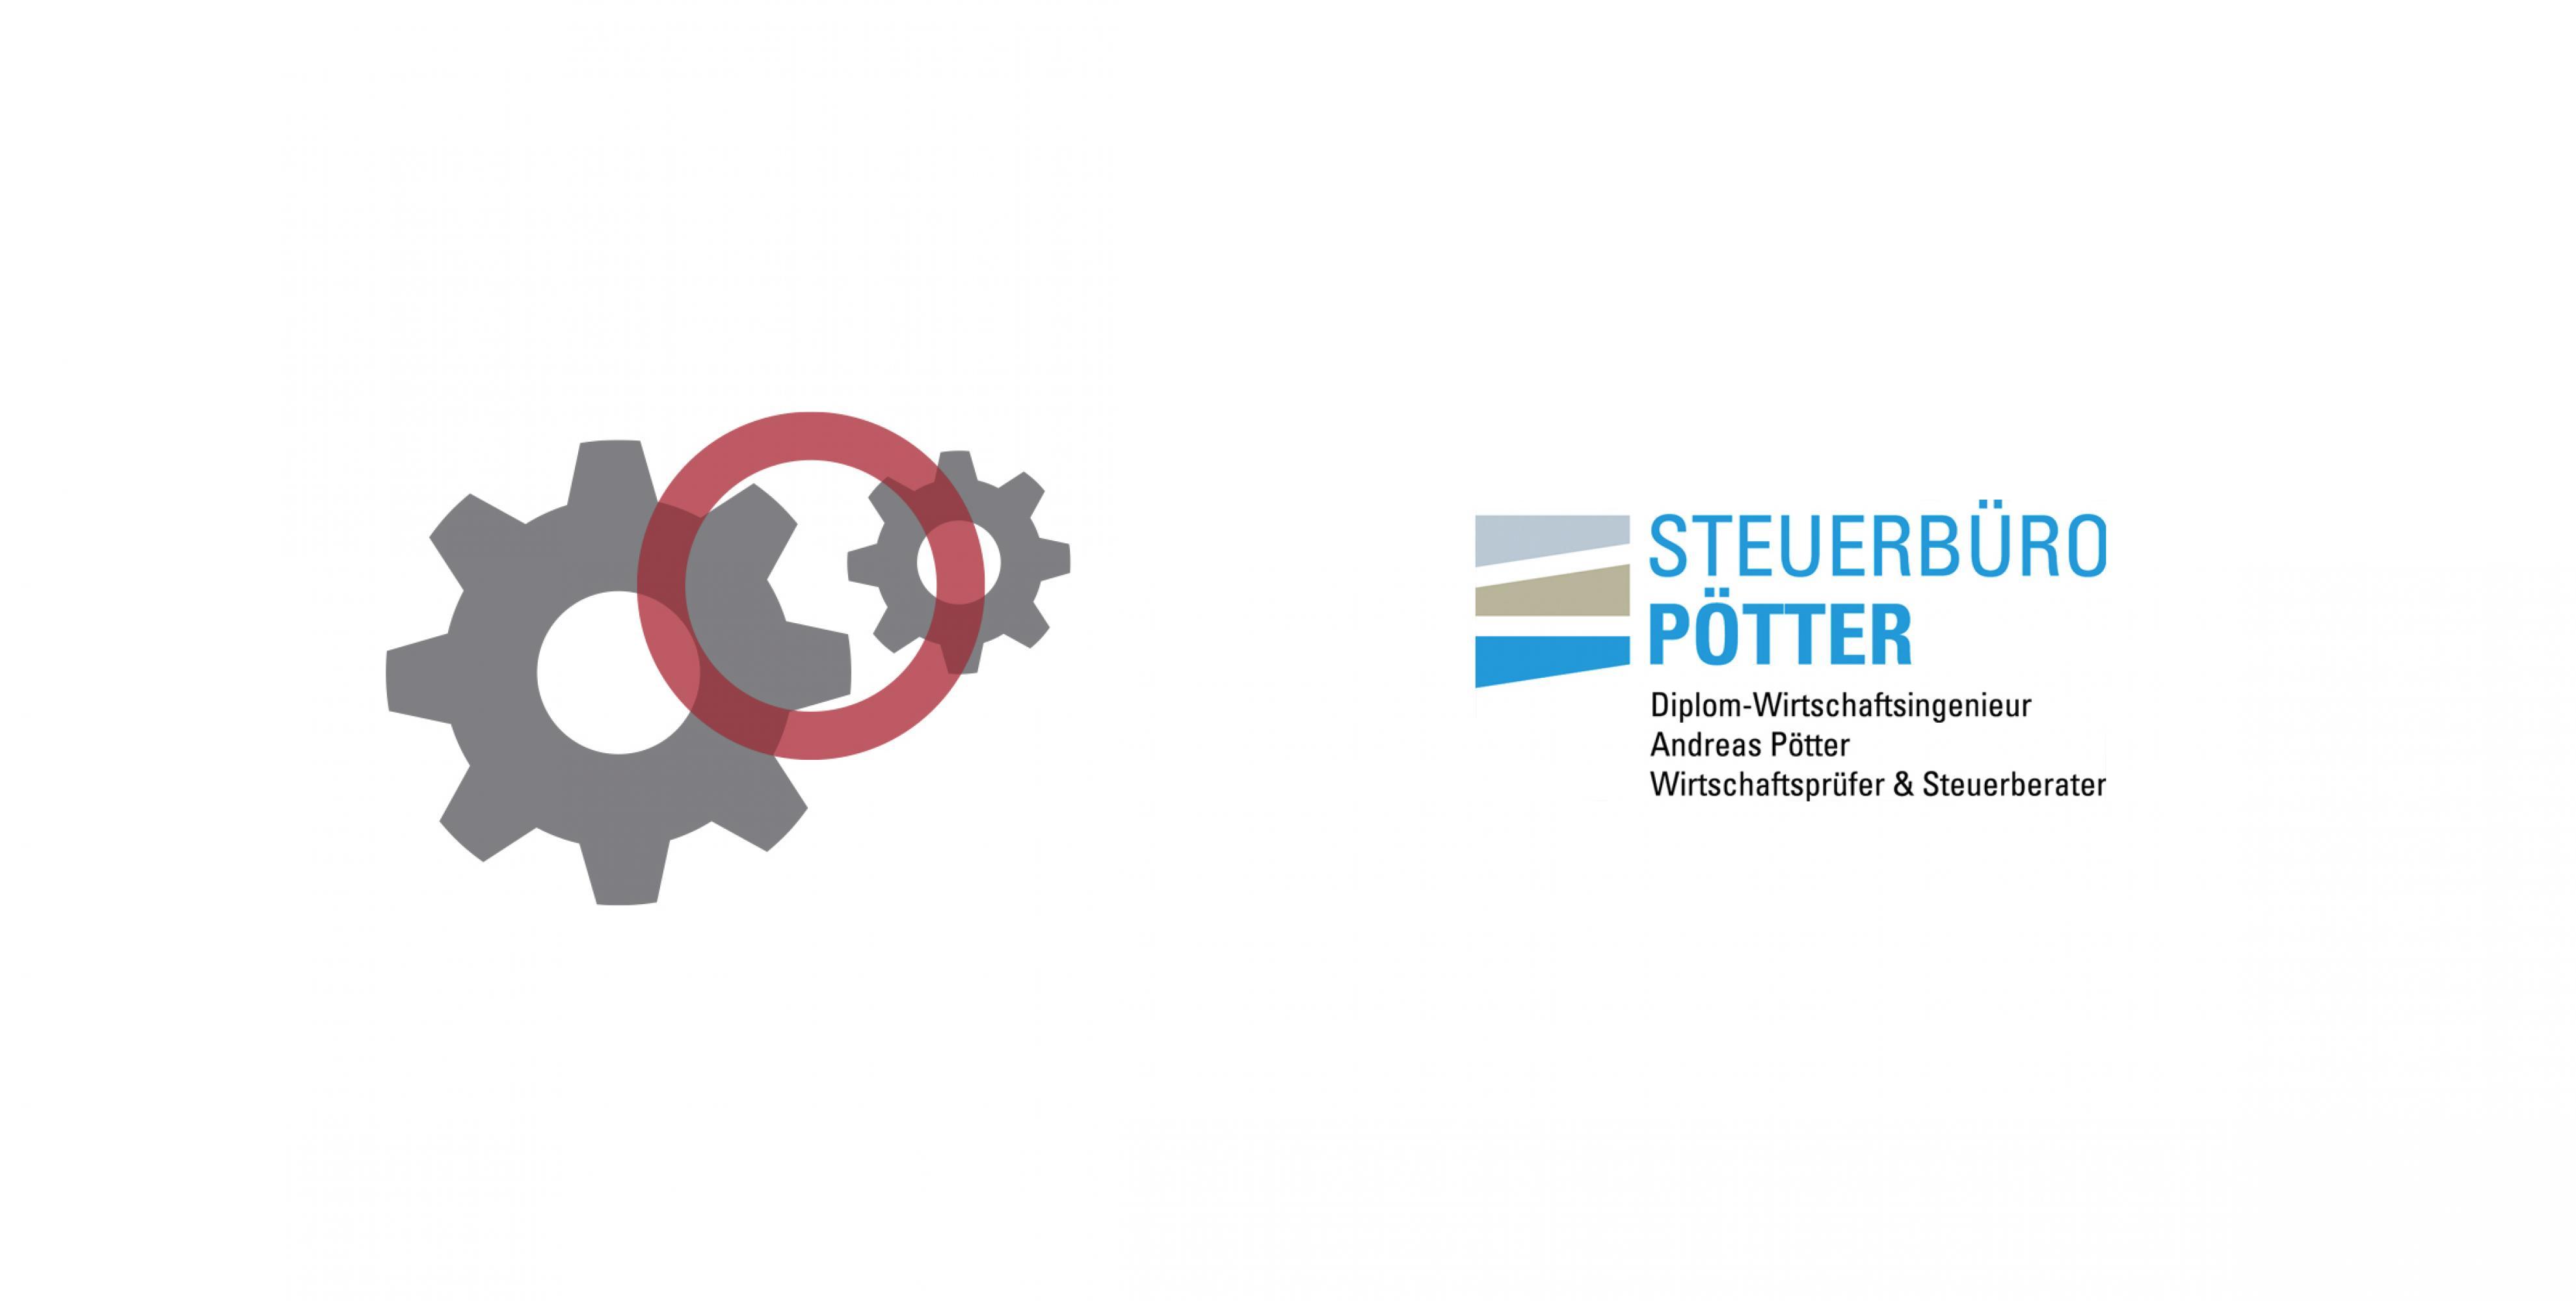 Logo-Gestaltung-Steuerbüro-Steuerberater-Wirtschaftsprüfer-00